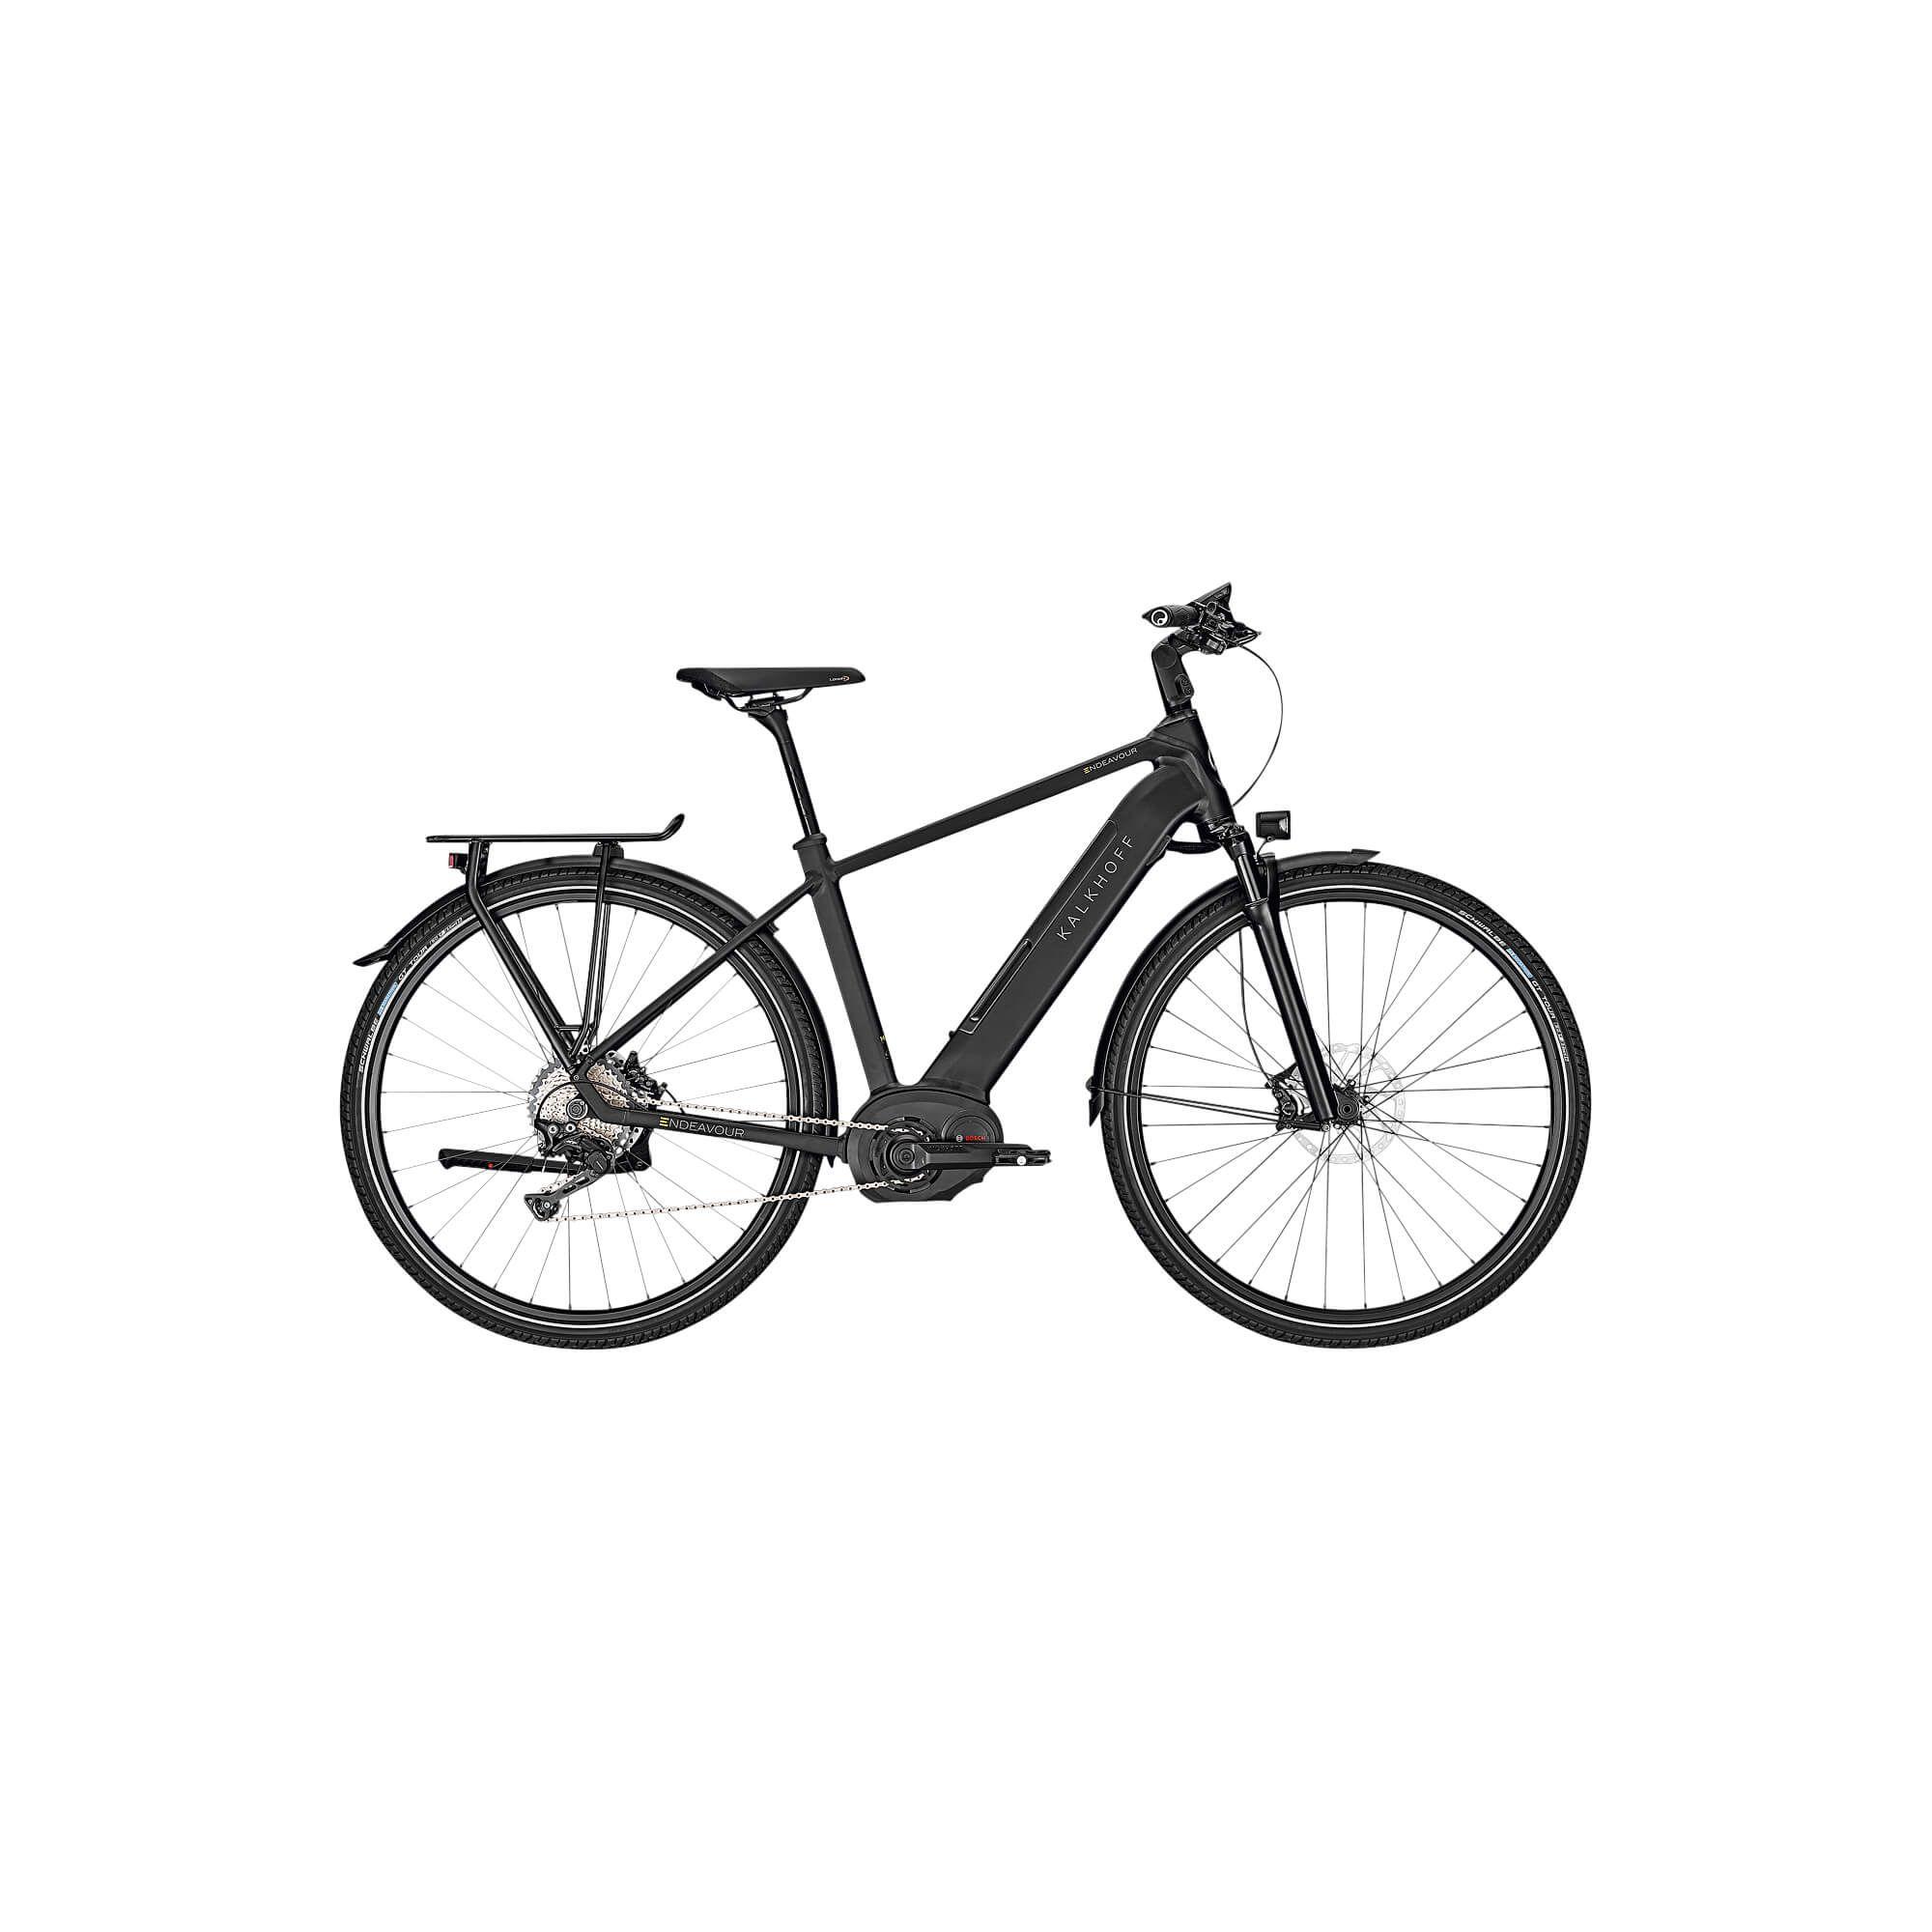 Hochwertig Gestattetes E Trekkingbike Bosch Performance Line Cx Motor Und 500wh Akku Hervis Kalkhoff Kalkhoff Endeavour Schwarz Lammfell Bar Schuhe